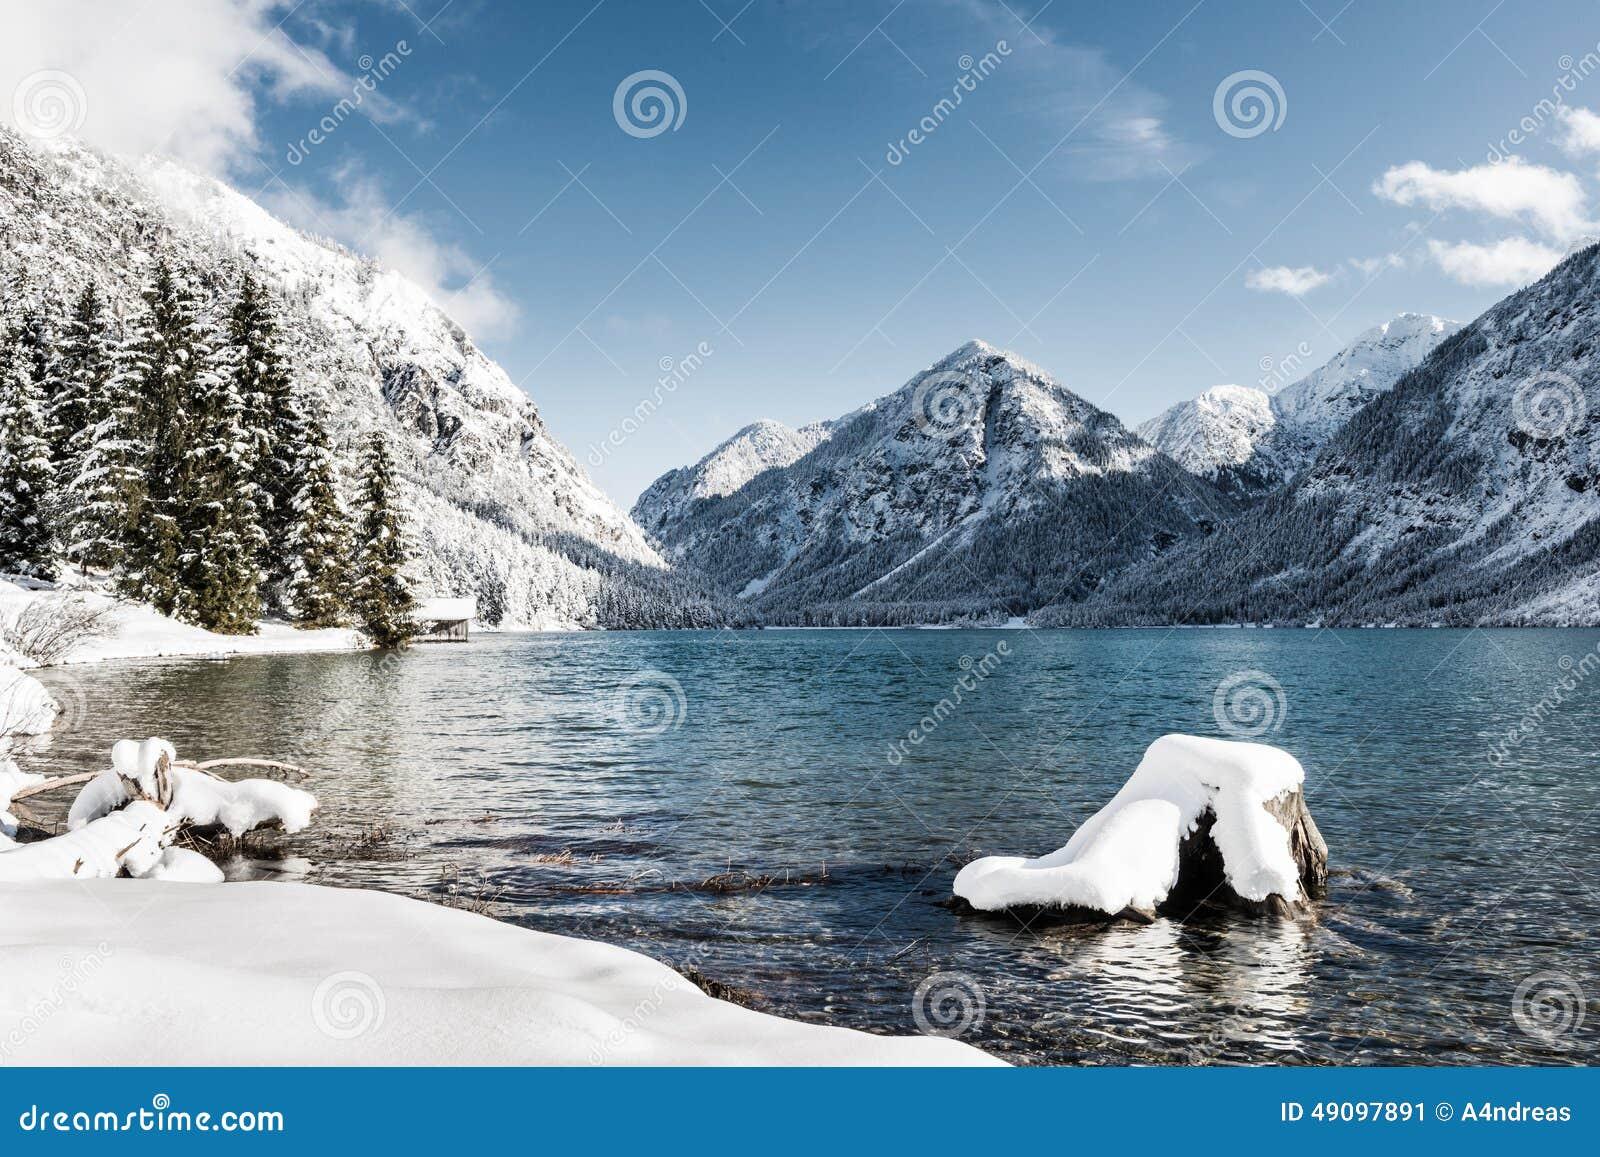 lac froid idyllique au paysage de montagne de neige image stock image du horizontal ext rieur. Black Bedroom Furniture Sets. Home Design Ideas